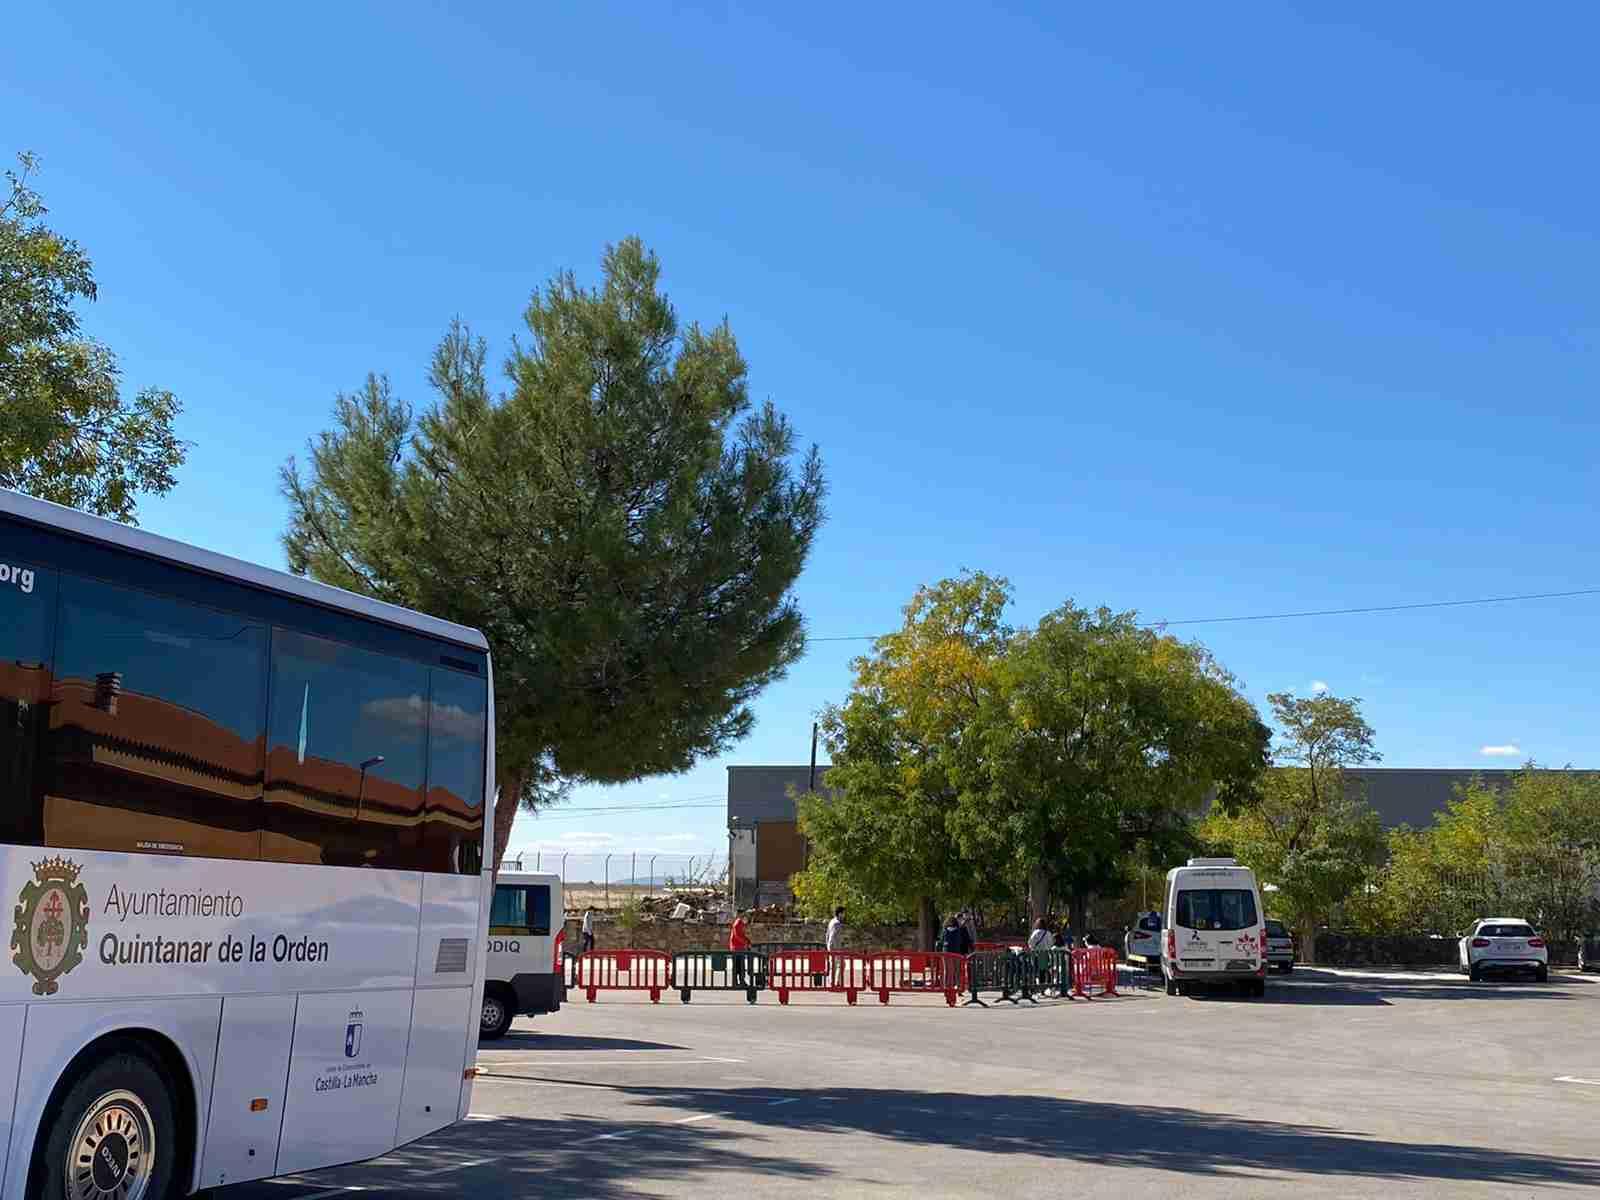 El Ayuntamiento dota a Asprodiq de un aula prefabricada además de otras ayudas materiales 4